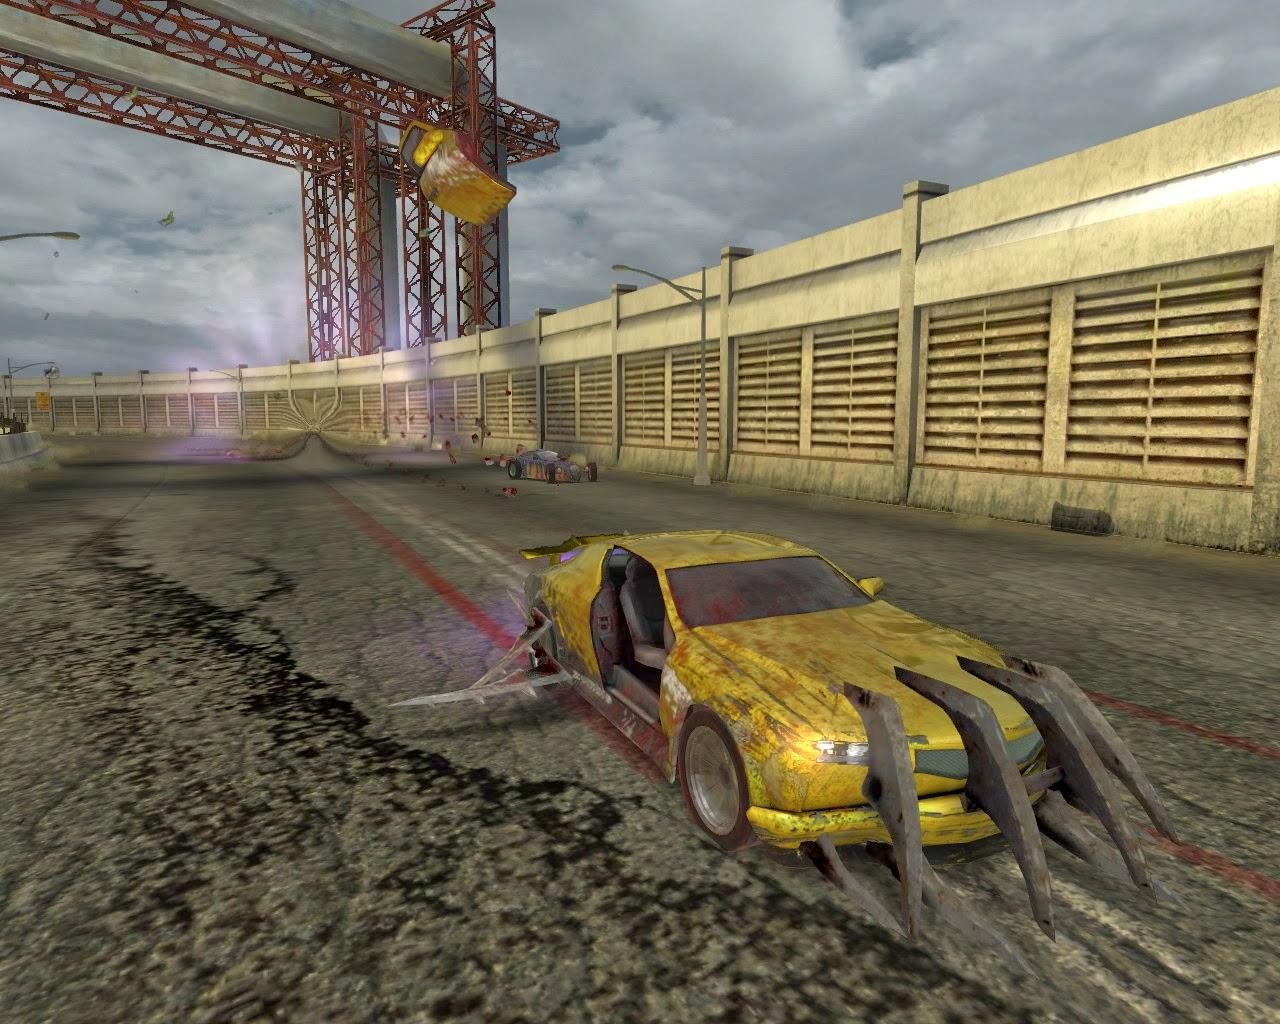 Armageddon Game Free download